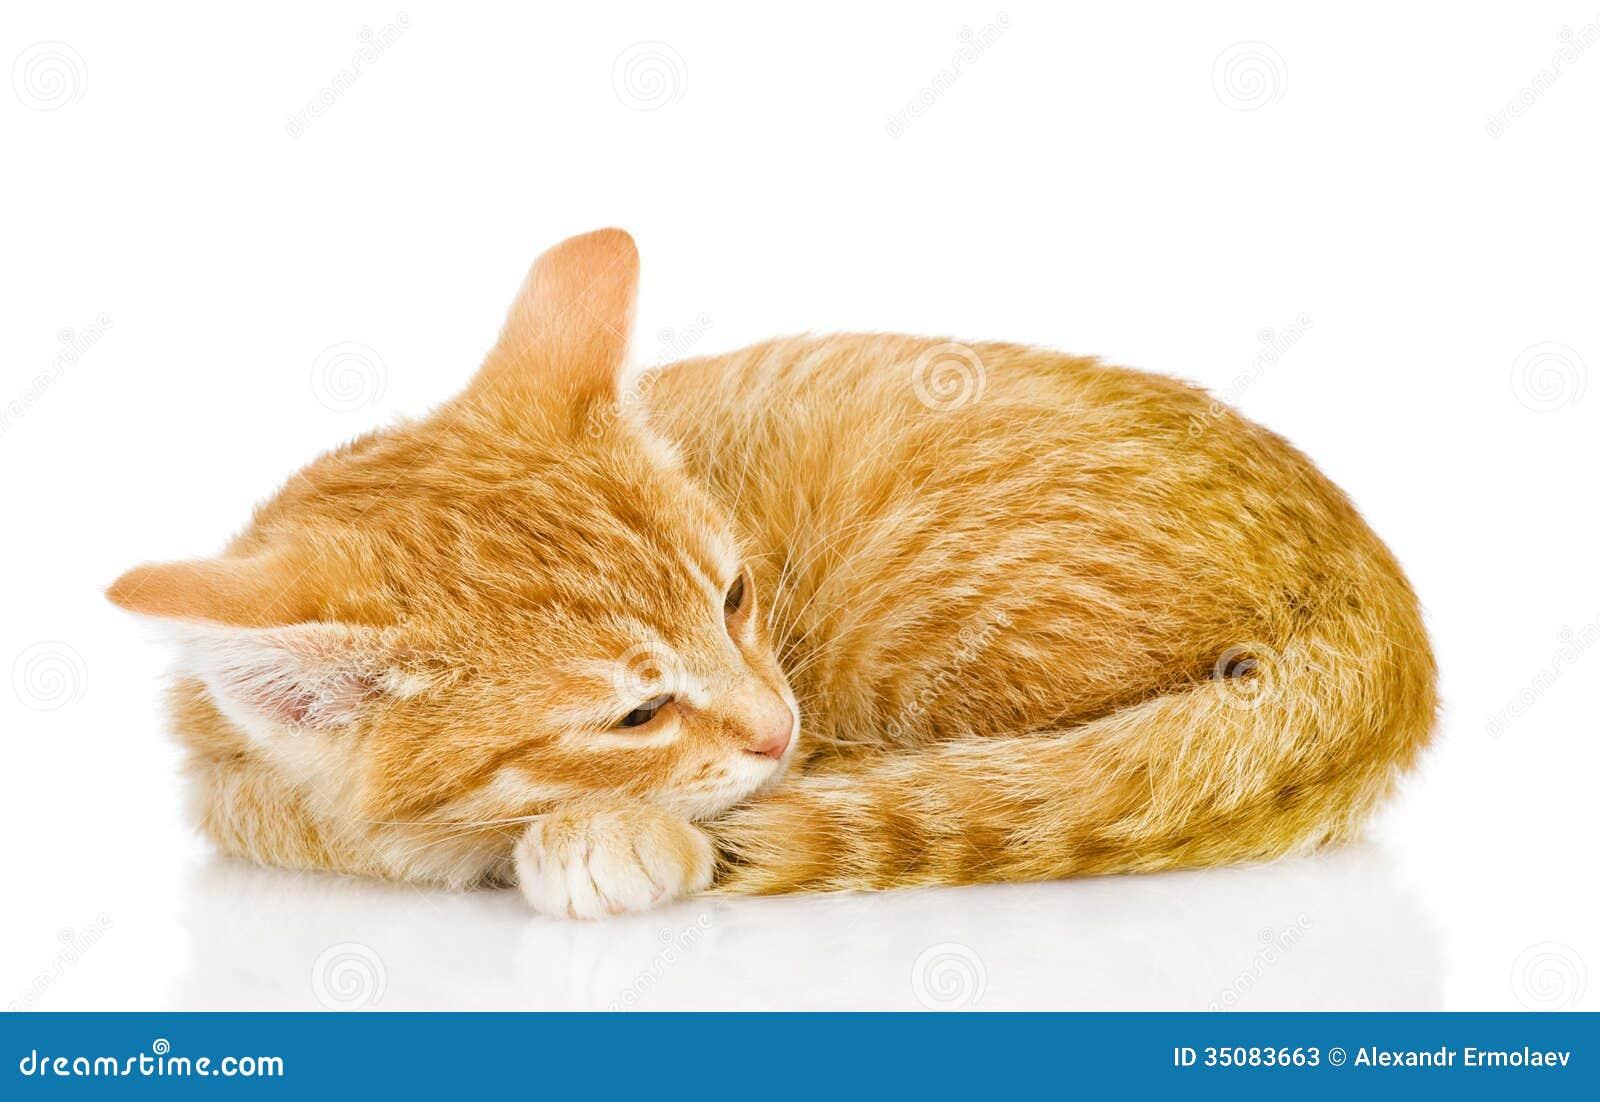 Sueño bonito del gato.